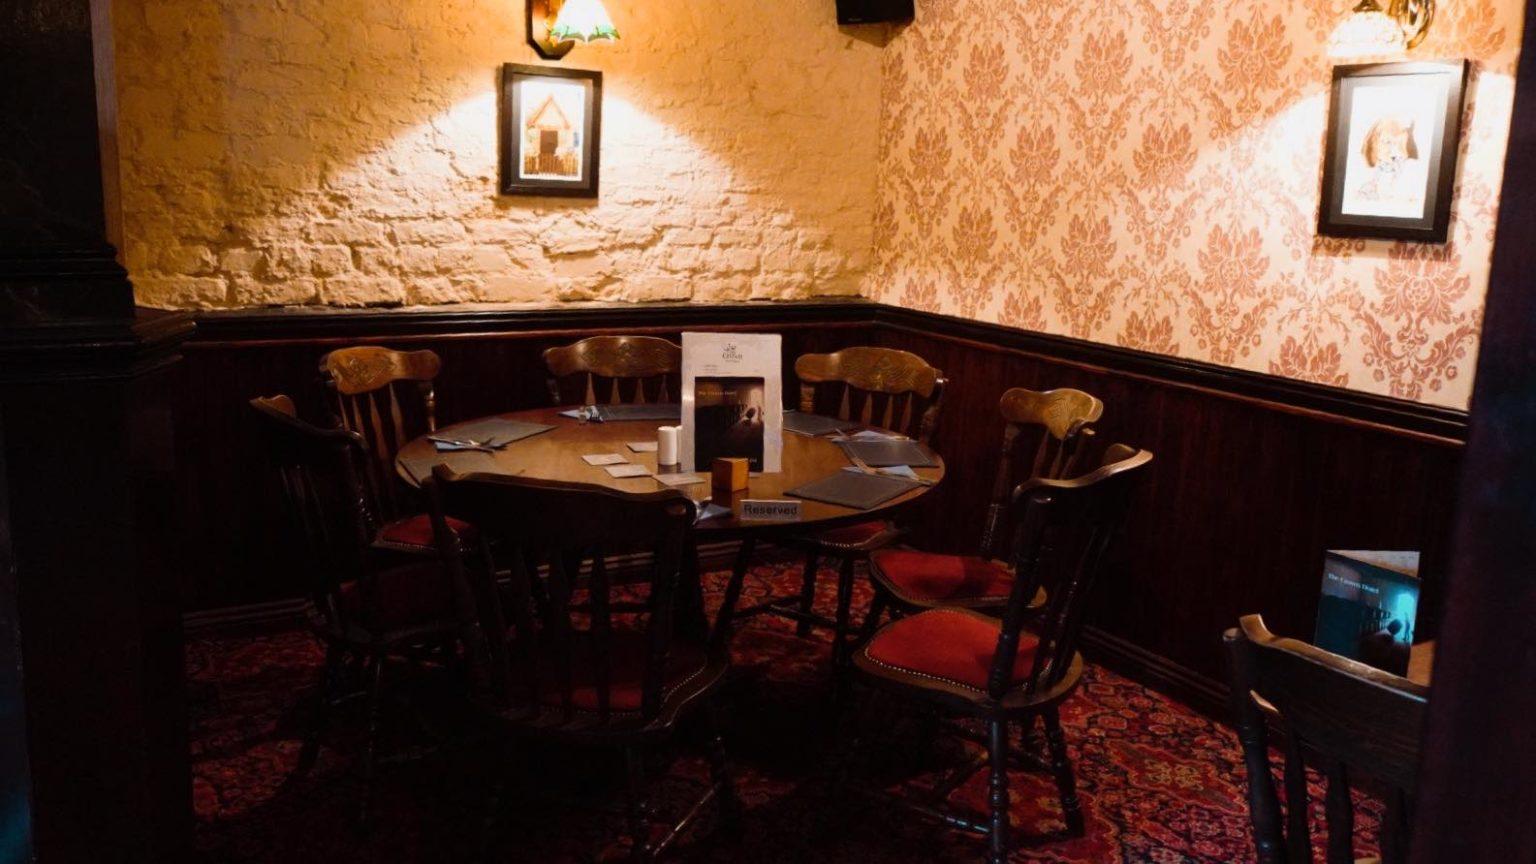 Pub dining in Yarm